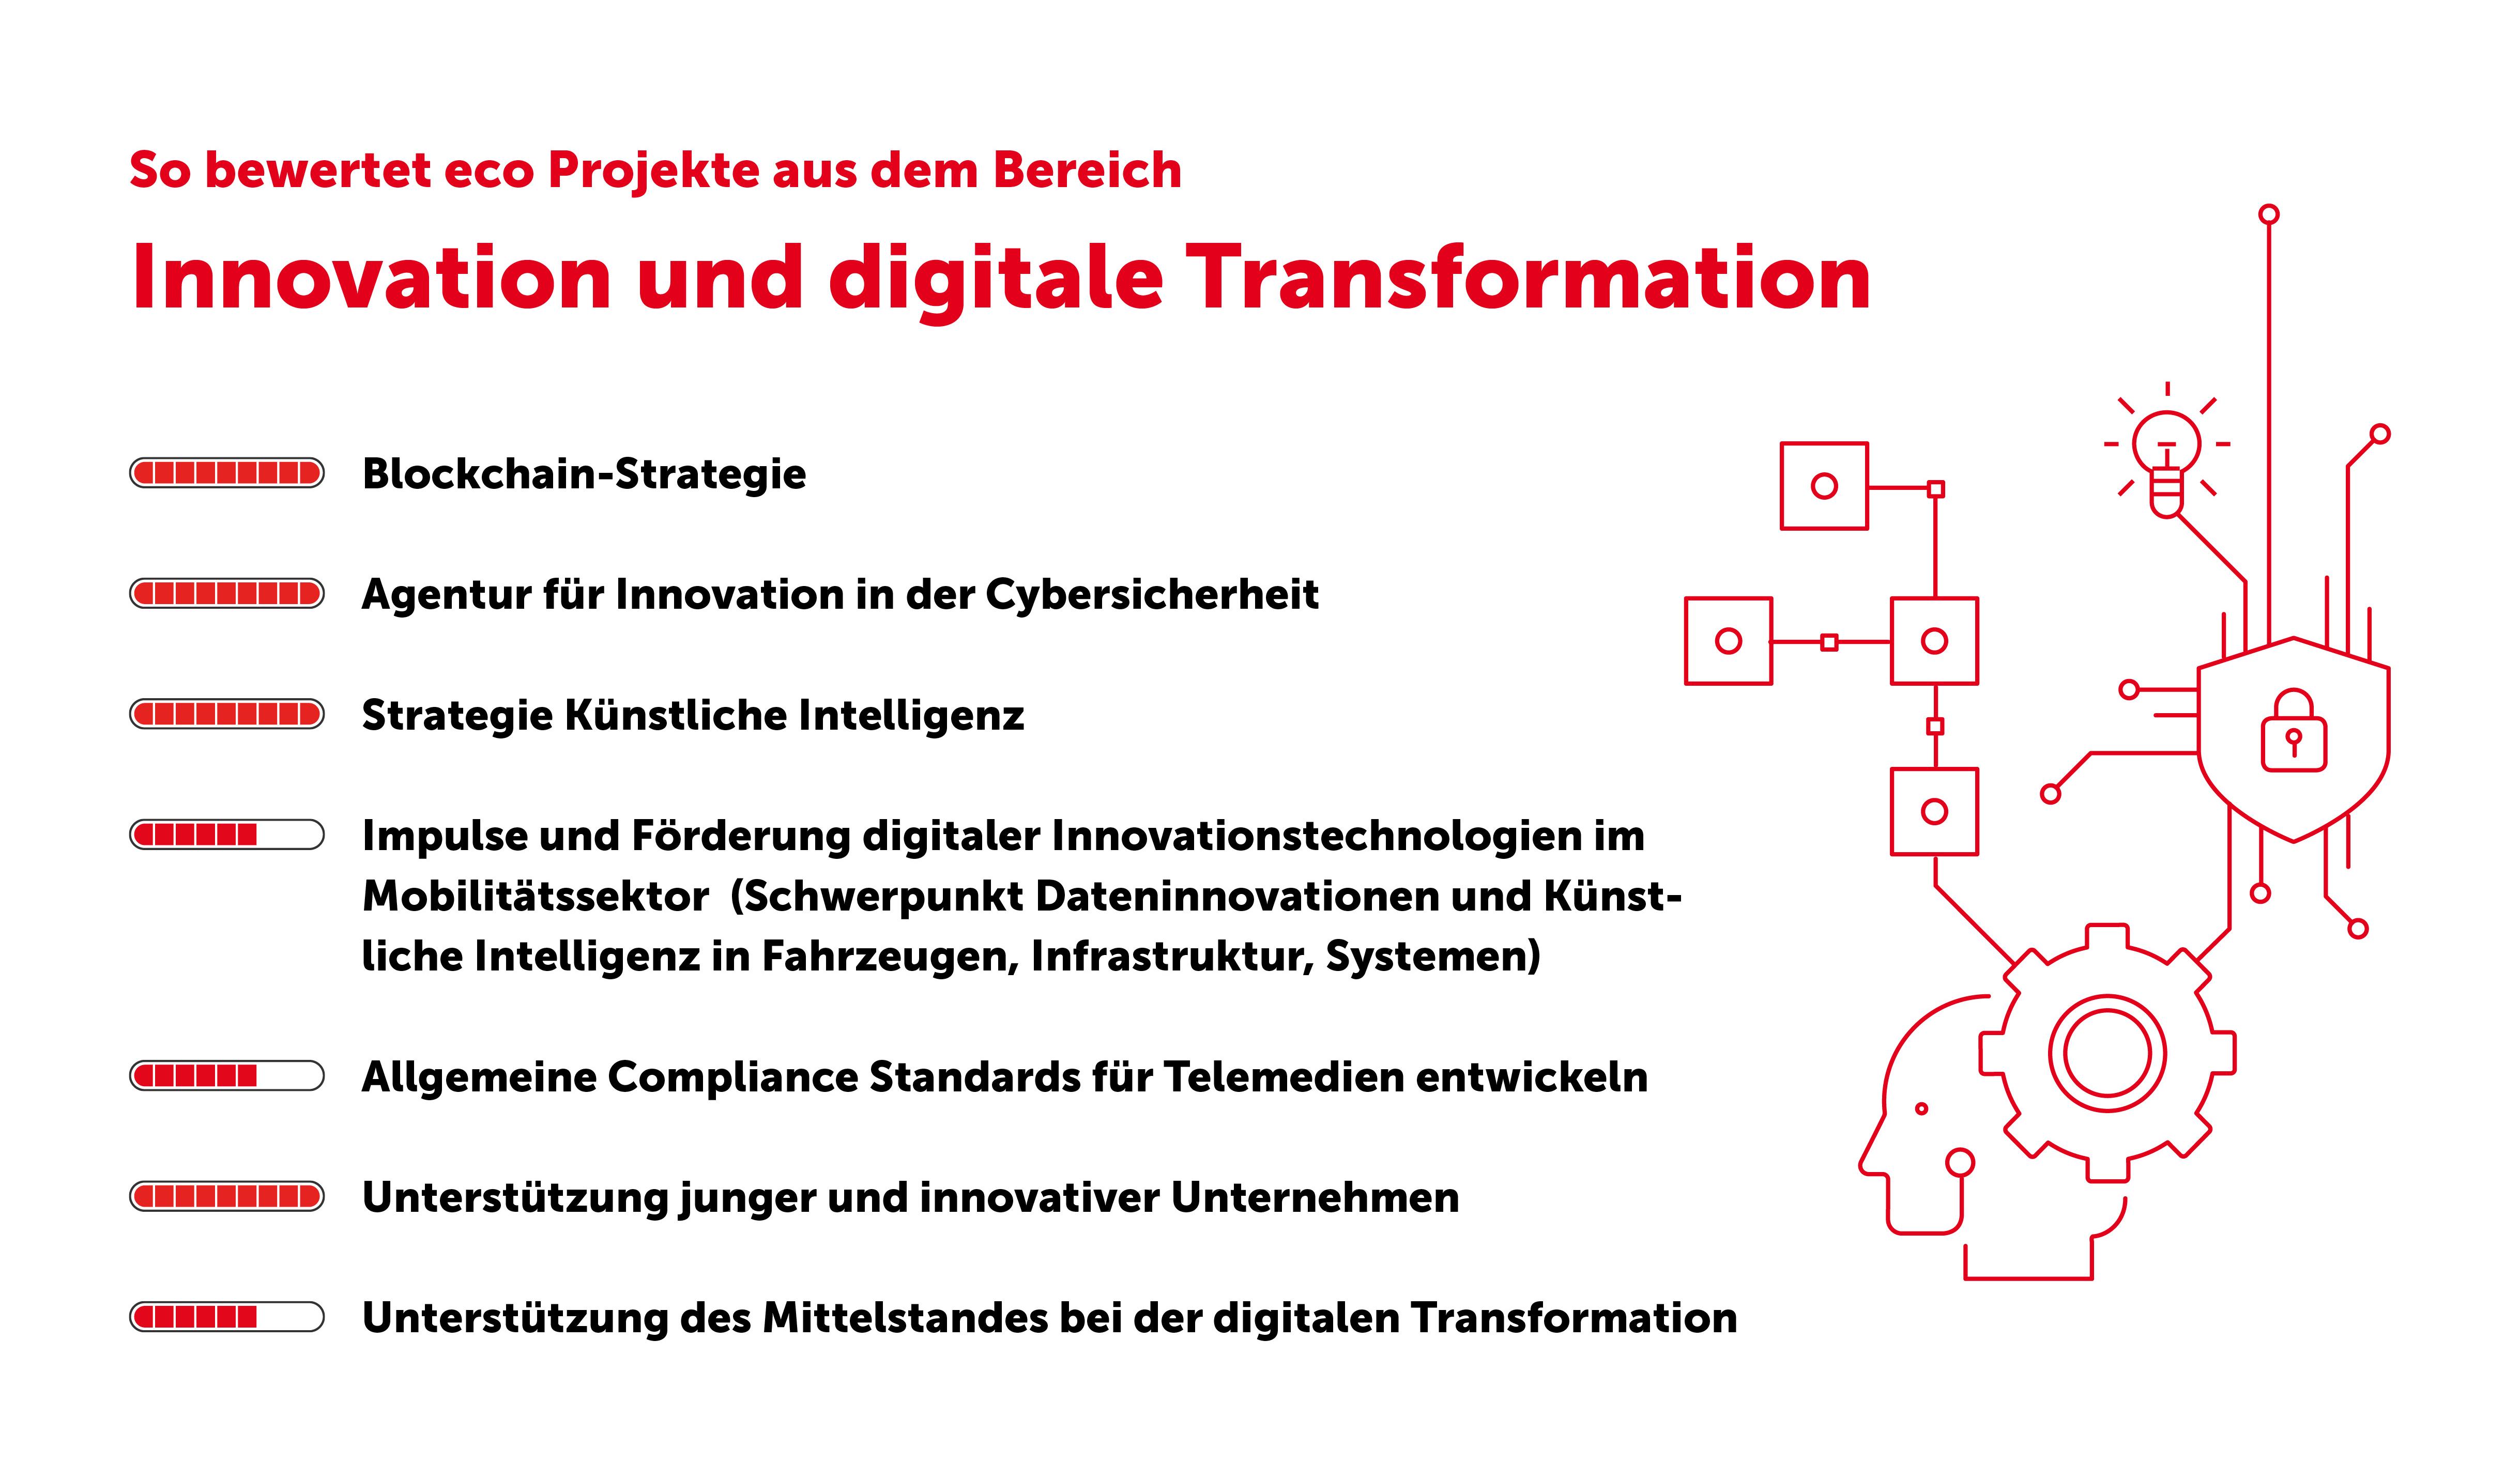 Digitalisierungsstrategie der Bundesregierung: eco zieht positive Bilanz zum Umsetzungsstand 1